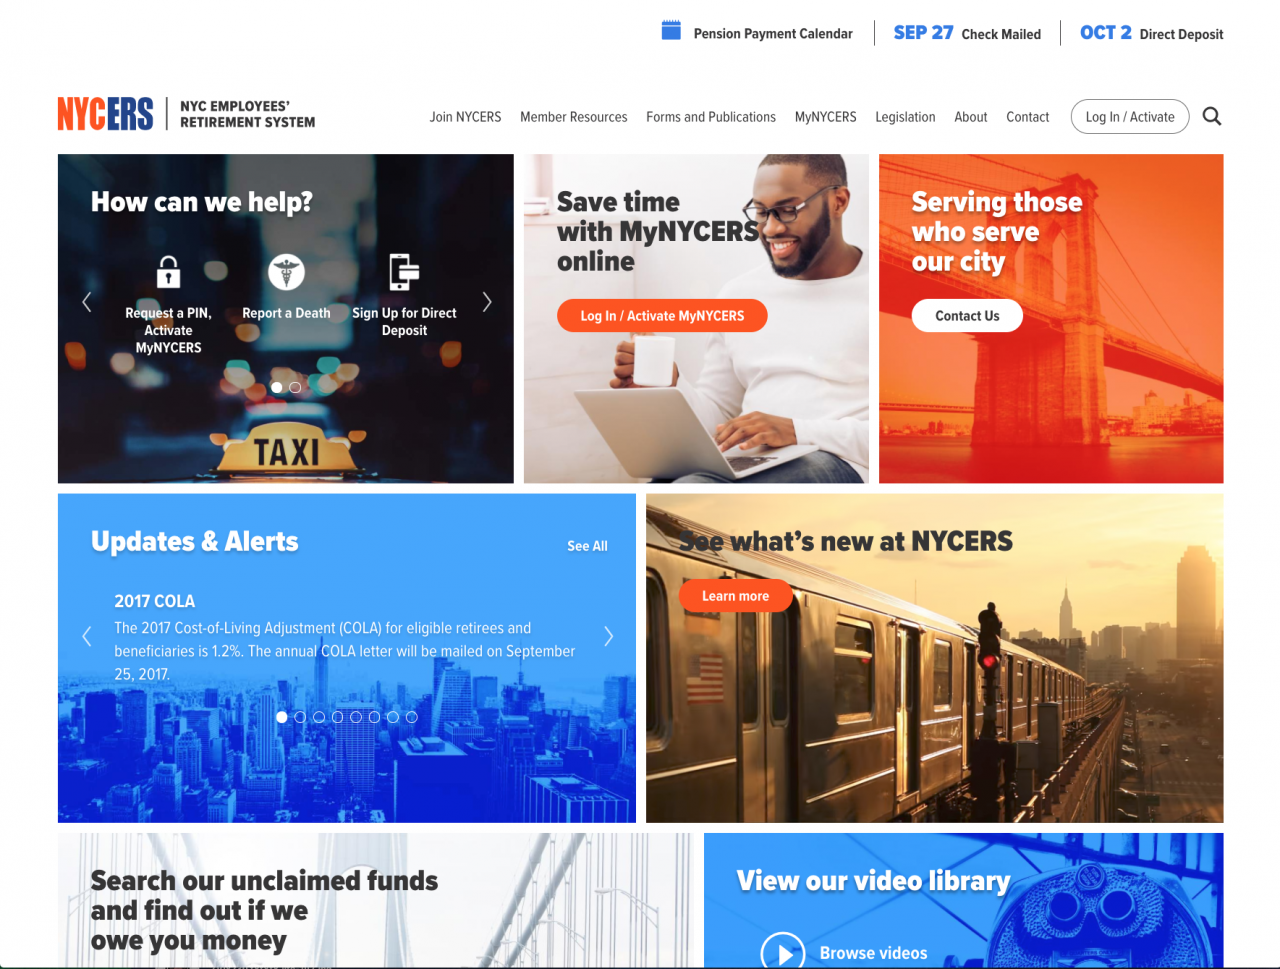 Digital Deployment - a California-based web design firm